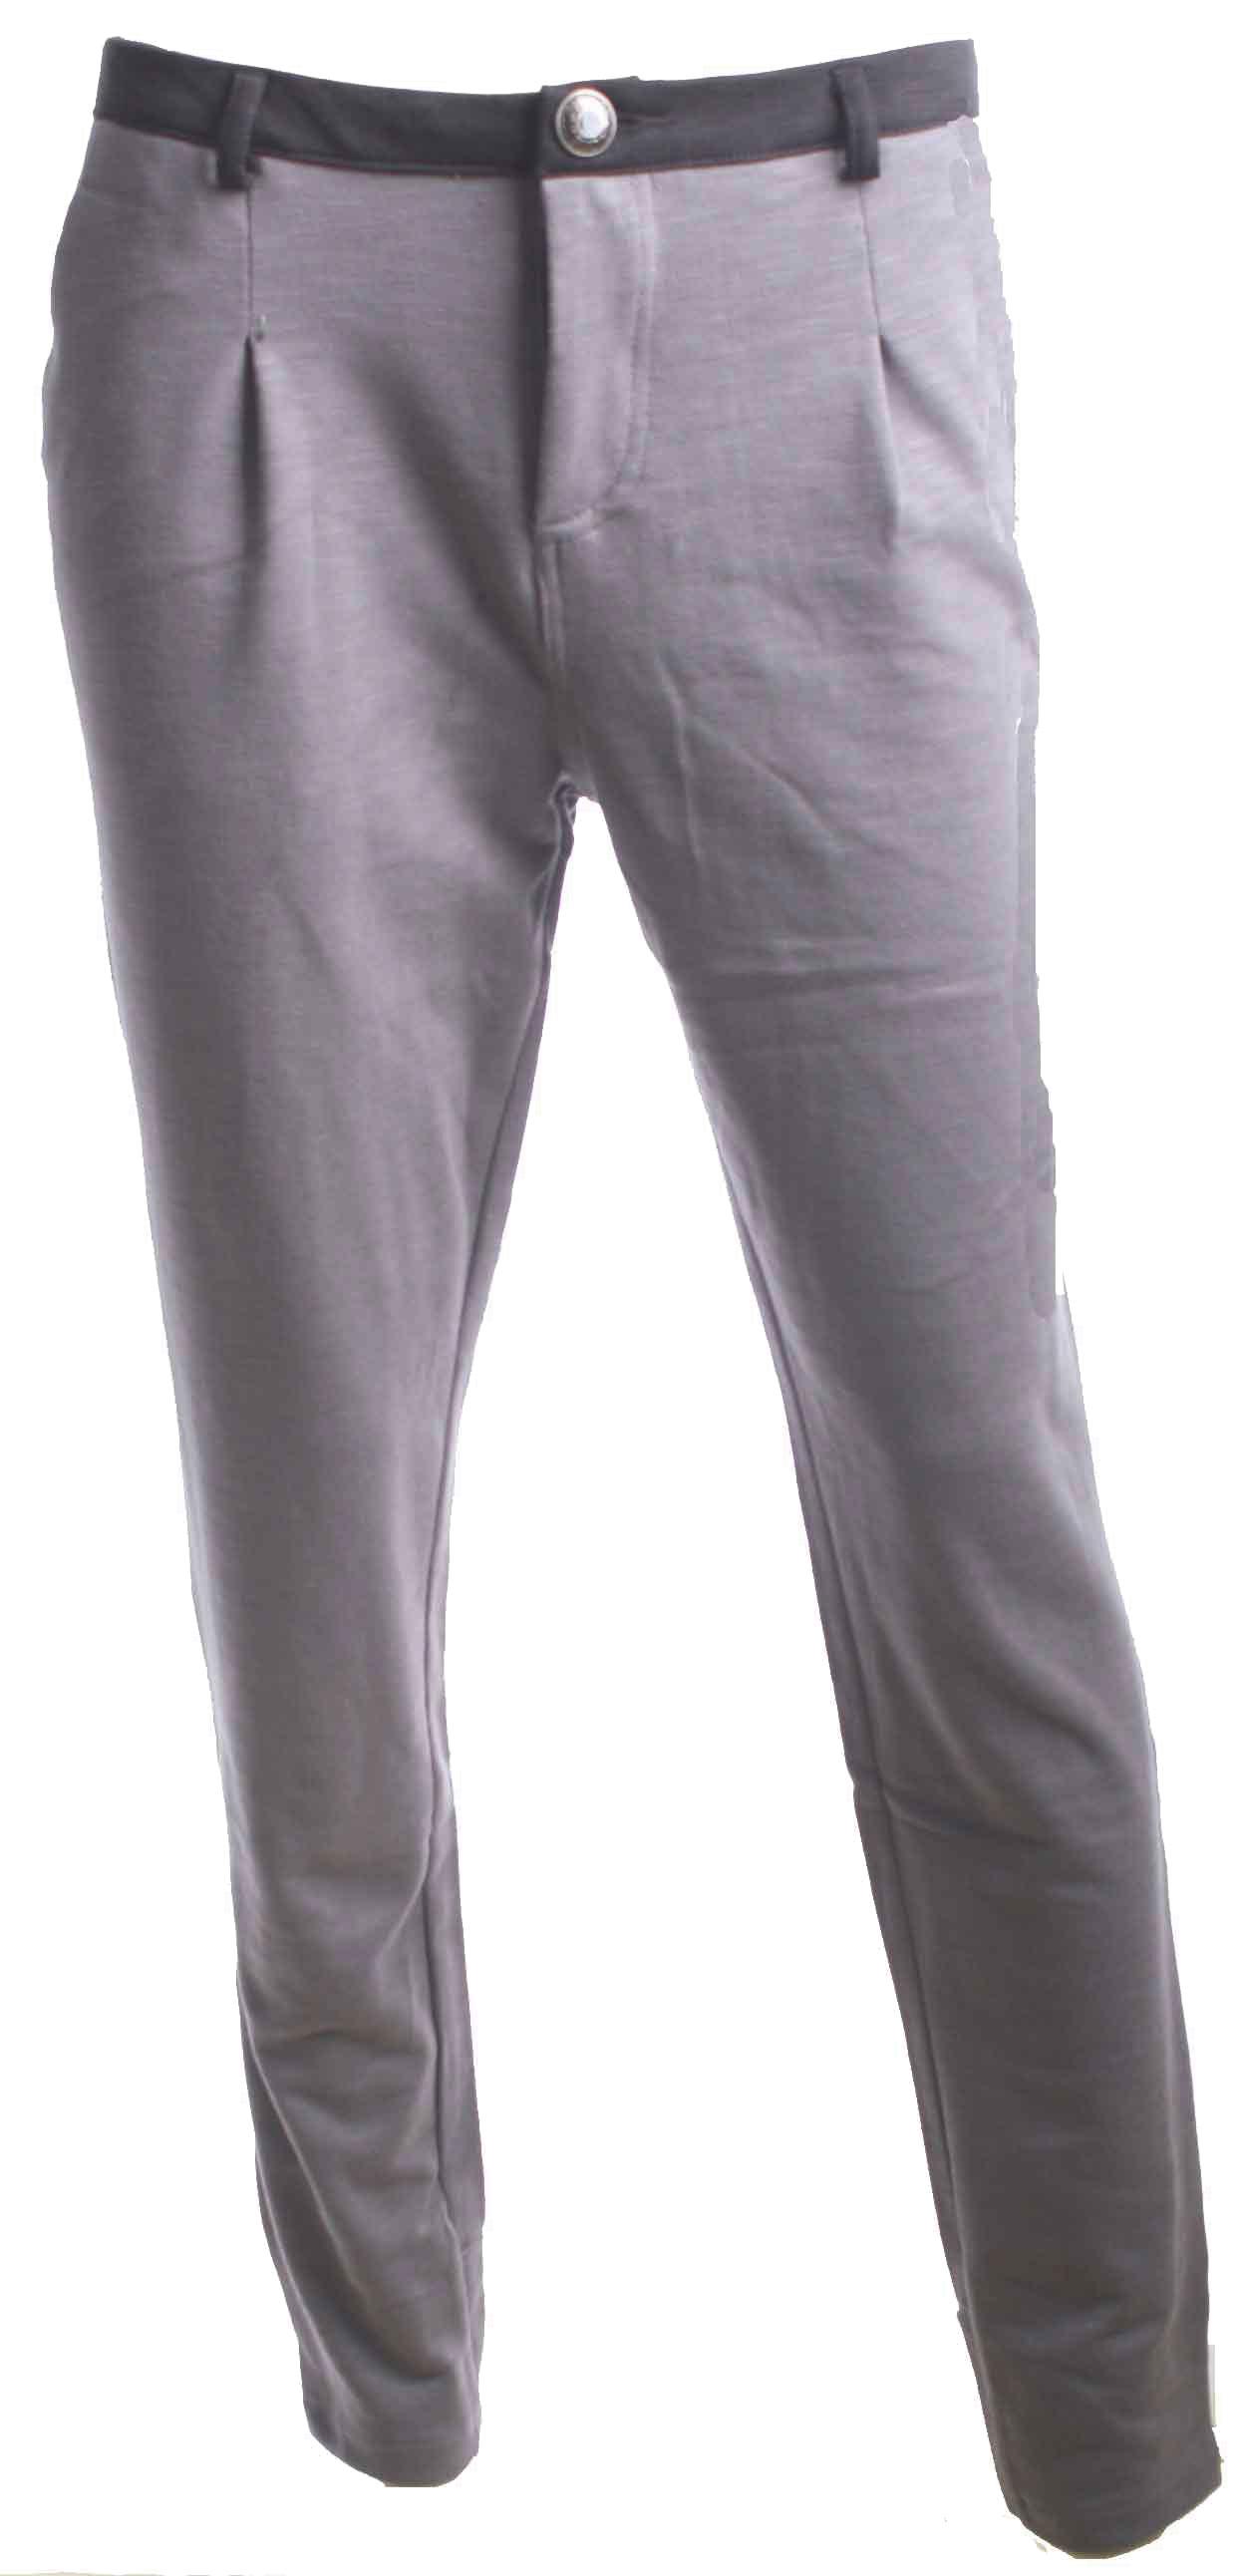 Hose LIRON grey1